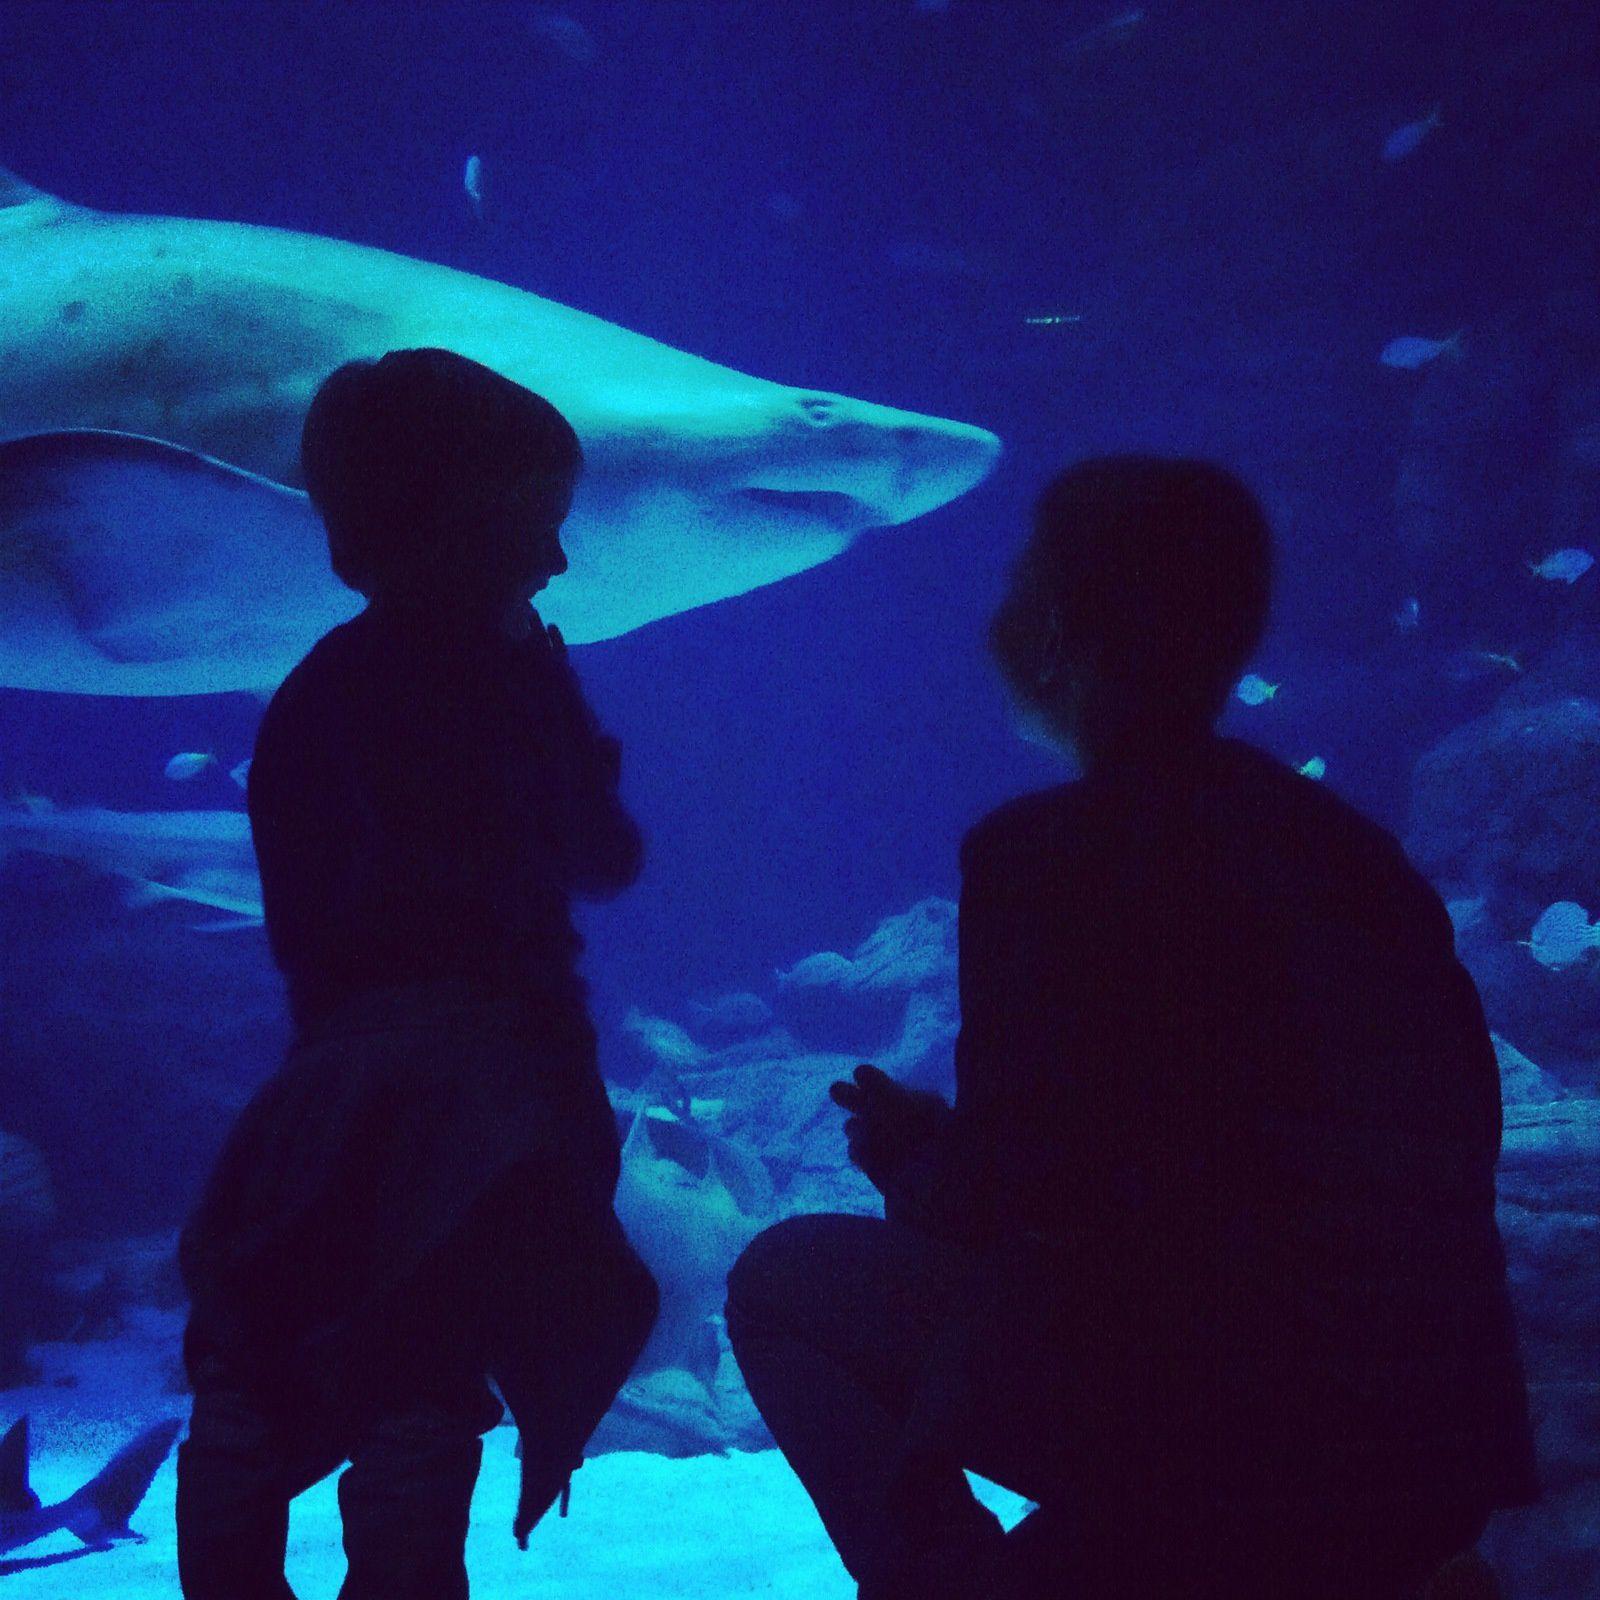 Aquarium Mare Nostrum, lecture, gratin de boutternut, Pierres Vives Montpellier, Stikeez, peinture, loisirs créatifs.